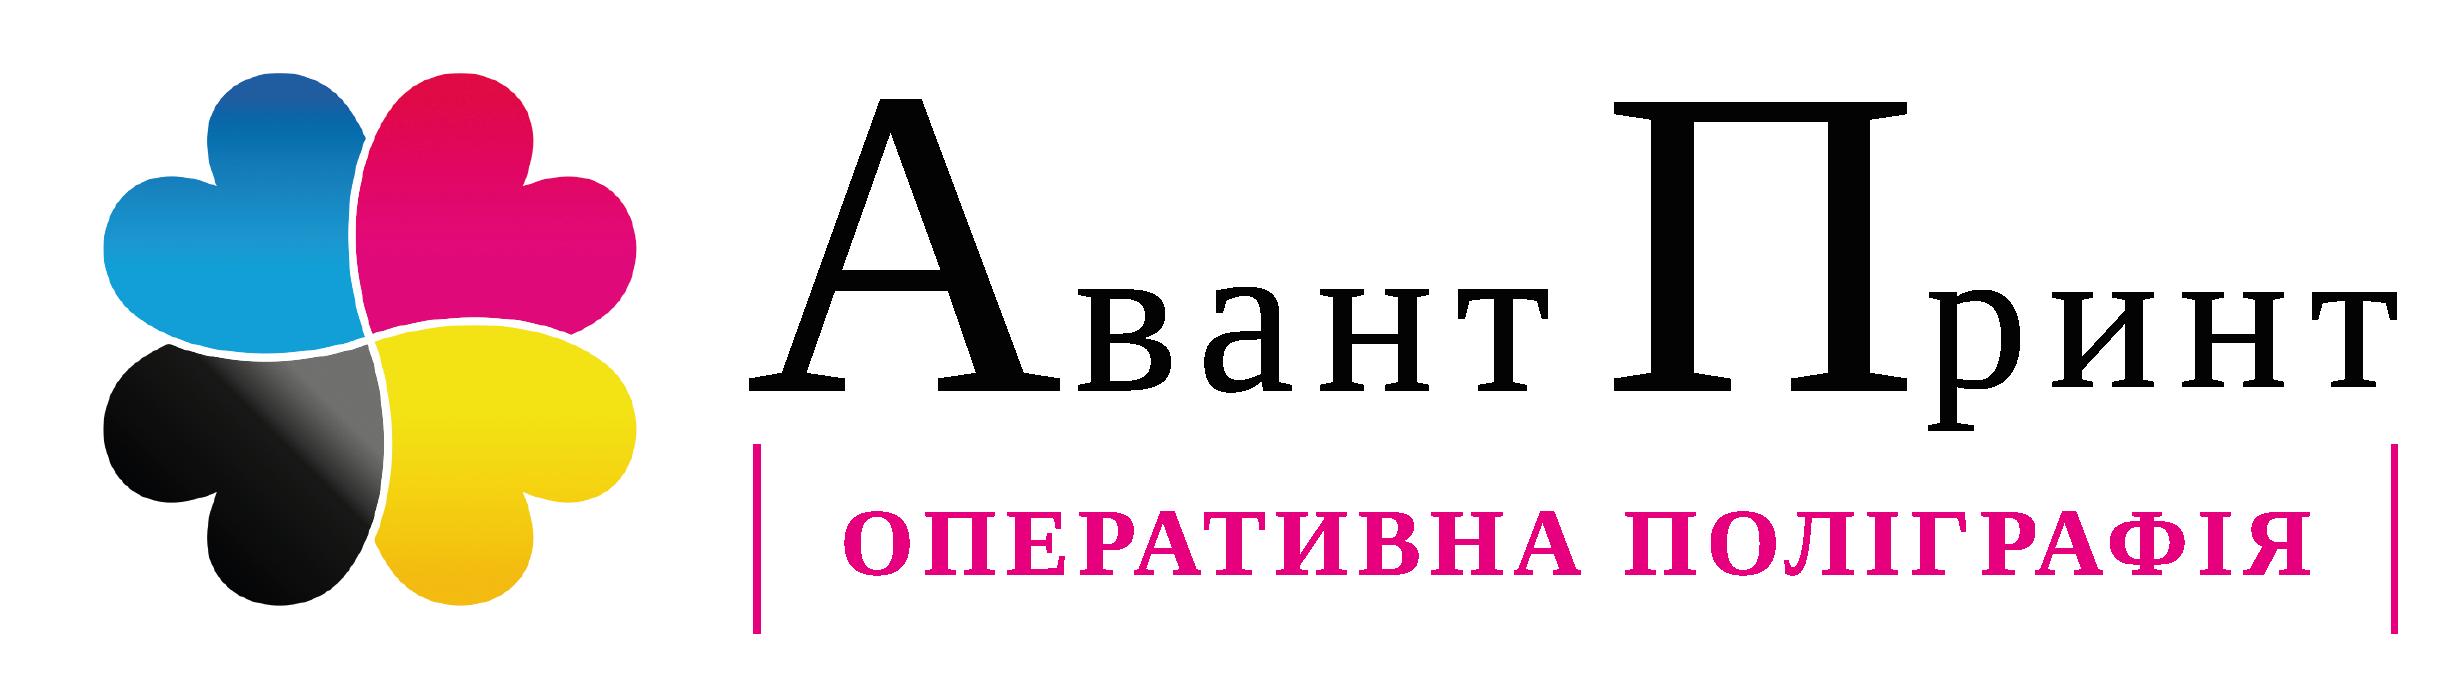 Оперативная полиграфия в Киеве www.print-time.com.ua